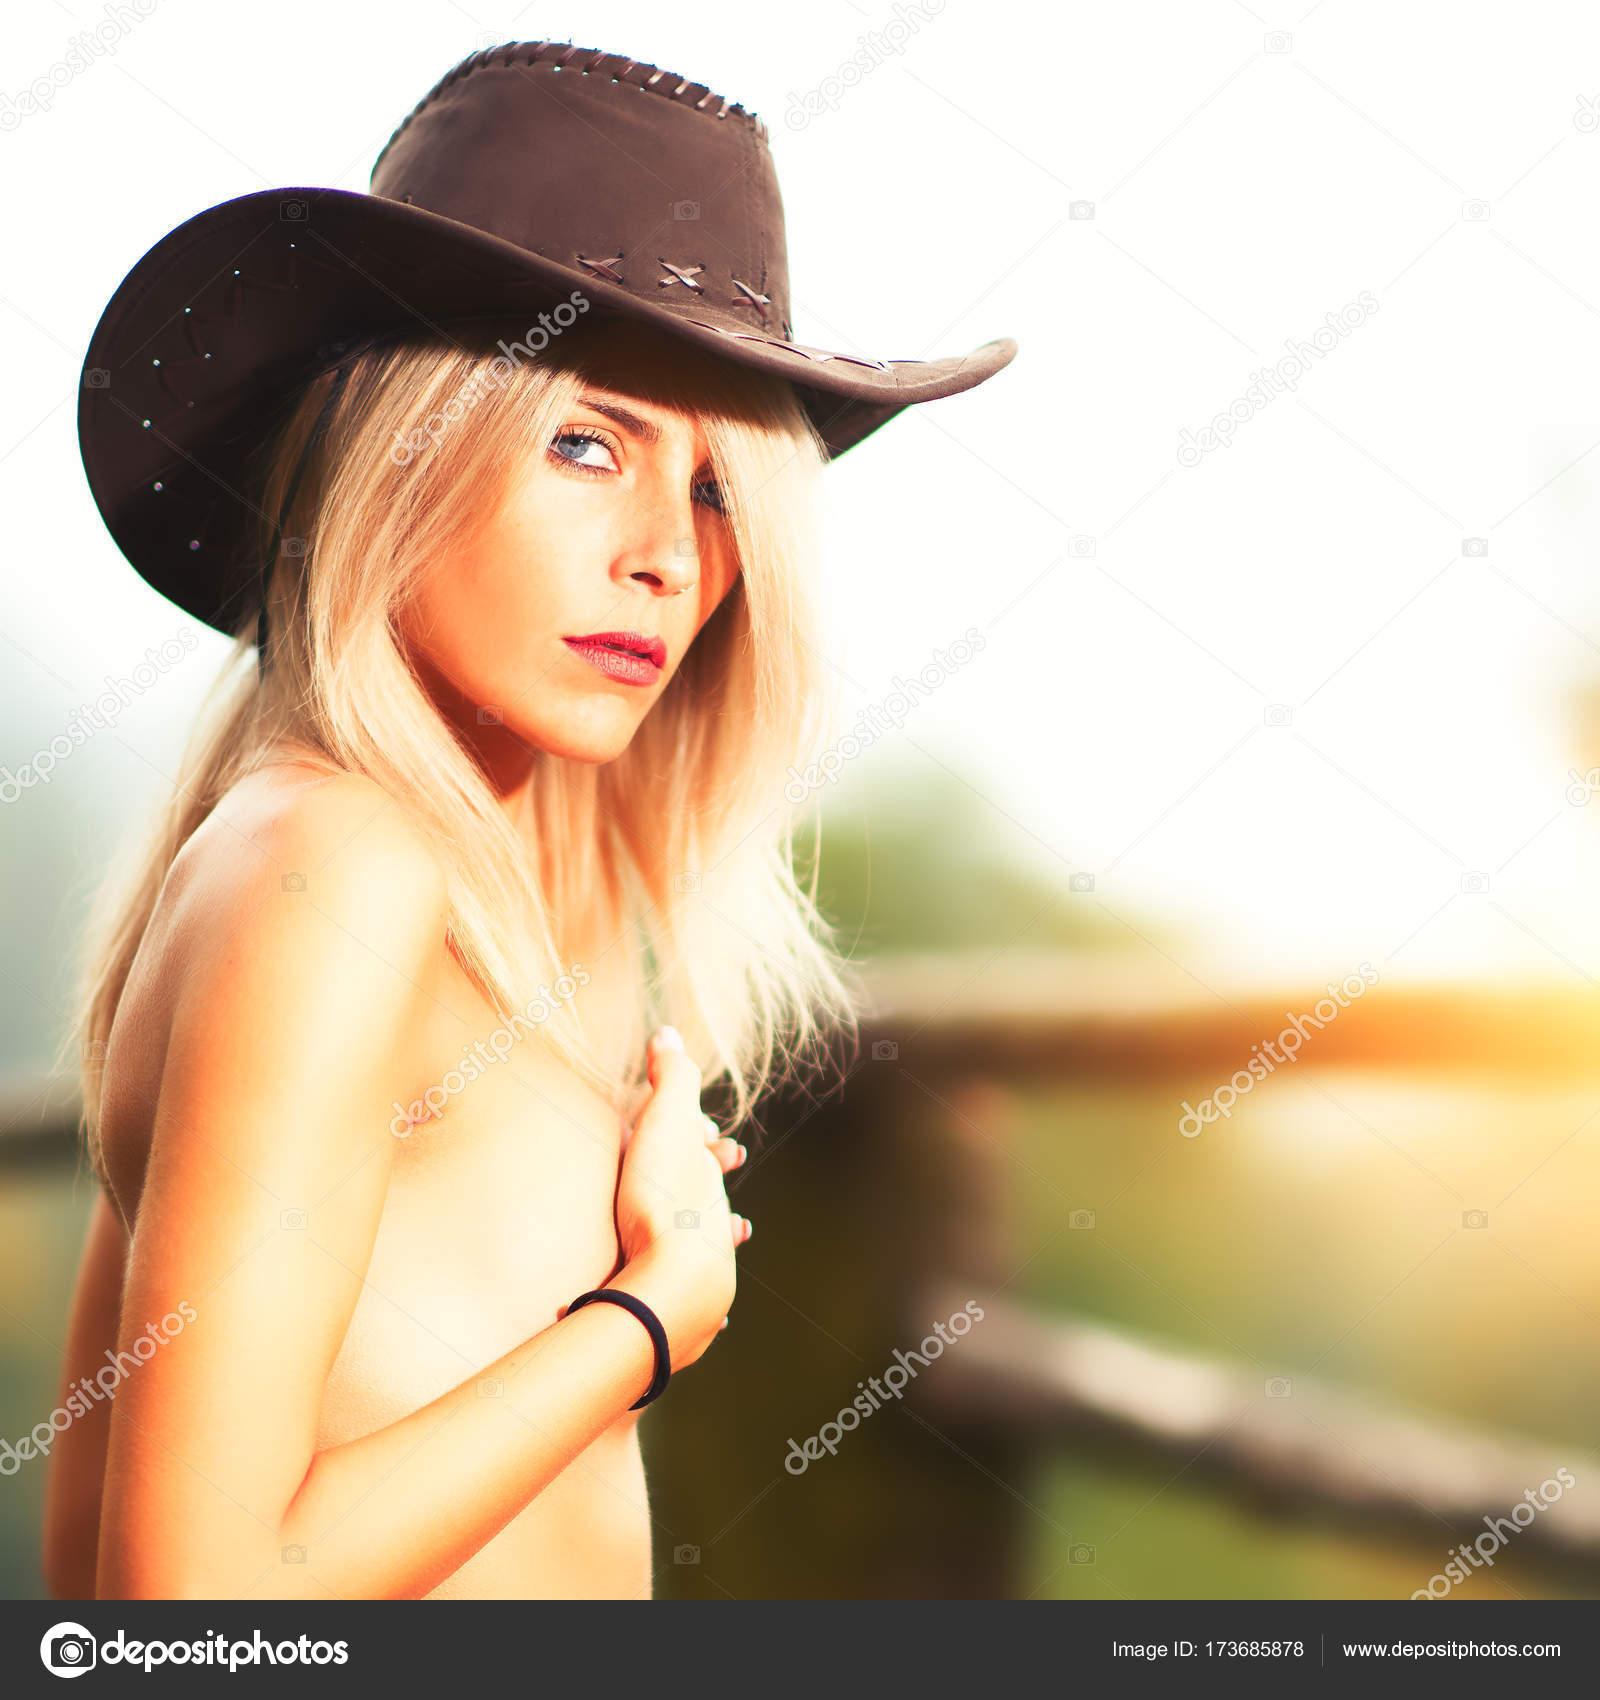 δωρεάν πορνό βίντεο φωτογραφίες